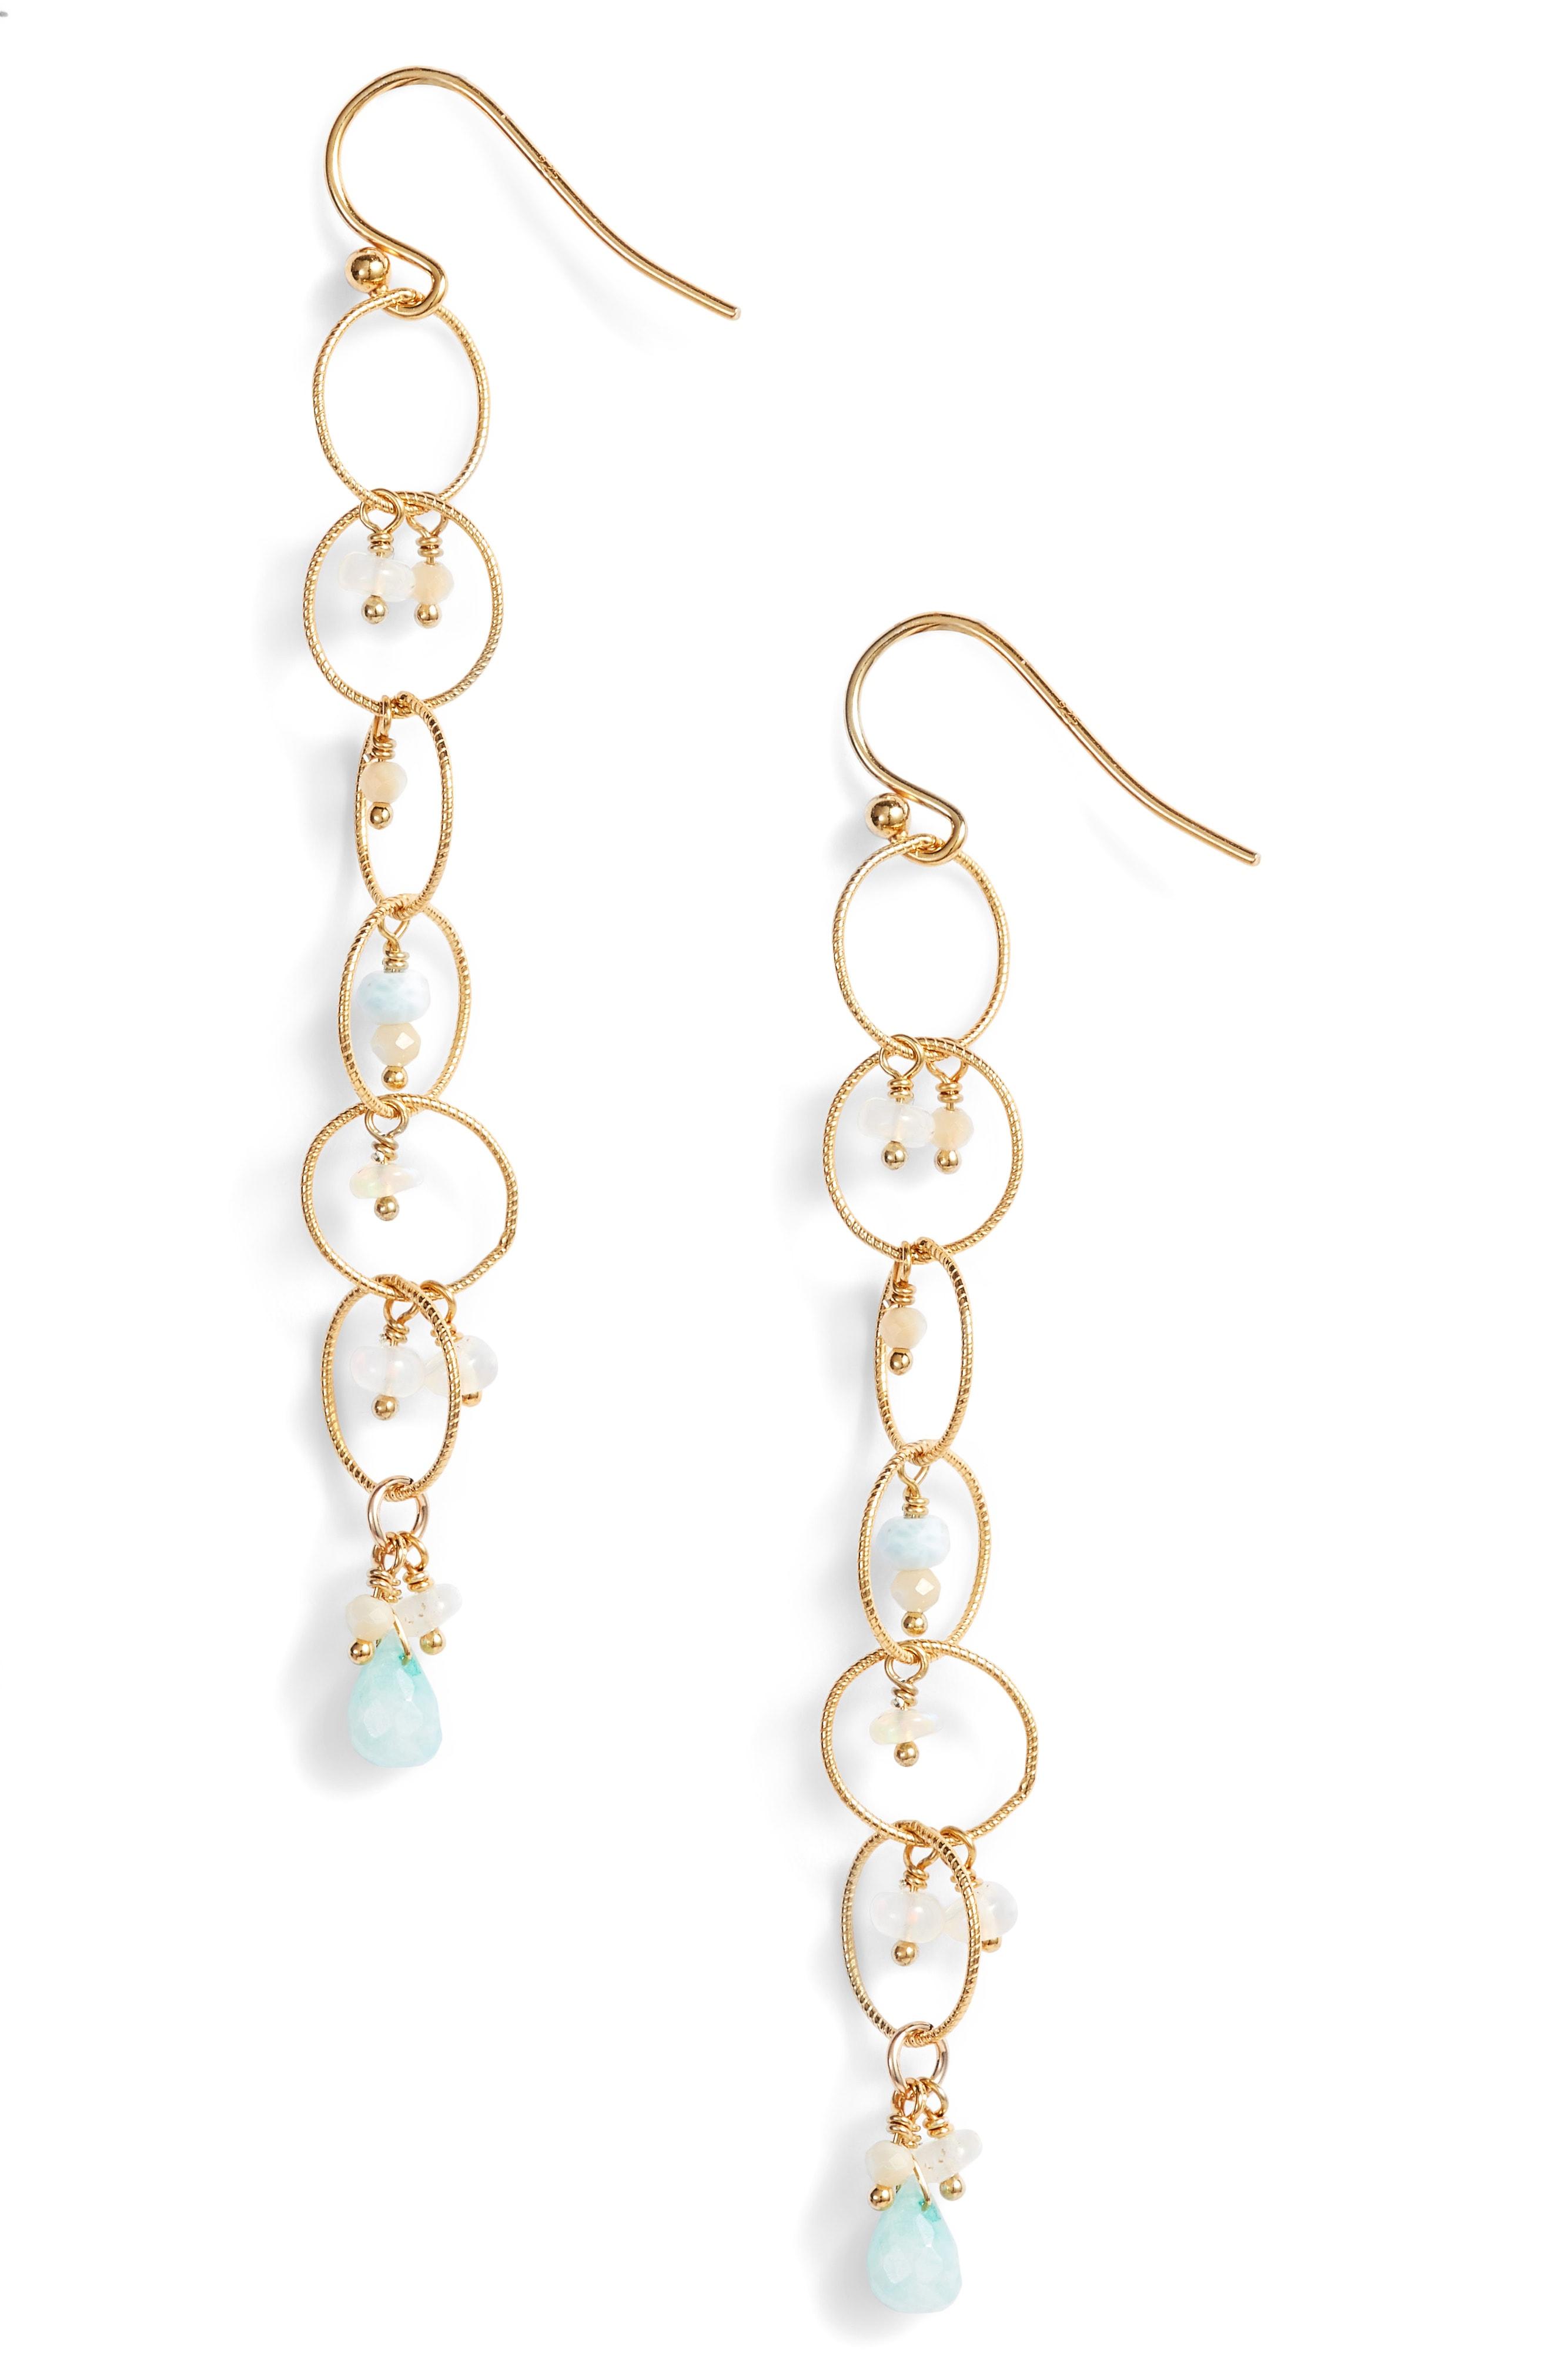 Chan Luu Chain Hoop Drop Earrings with Pearls